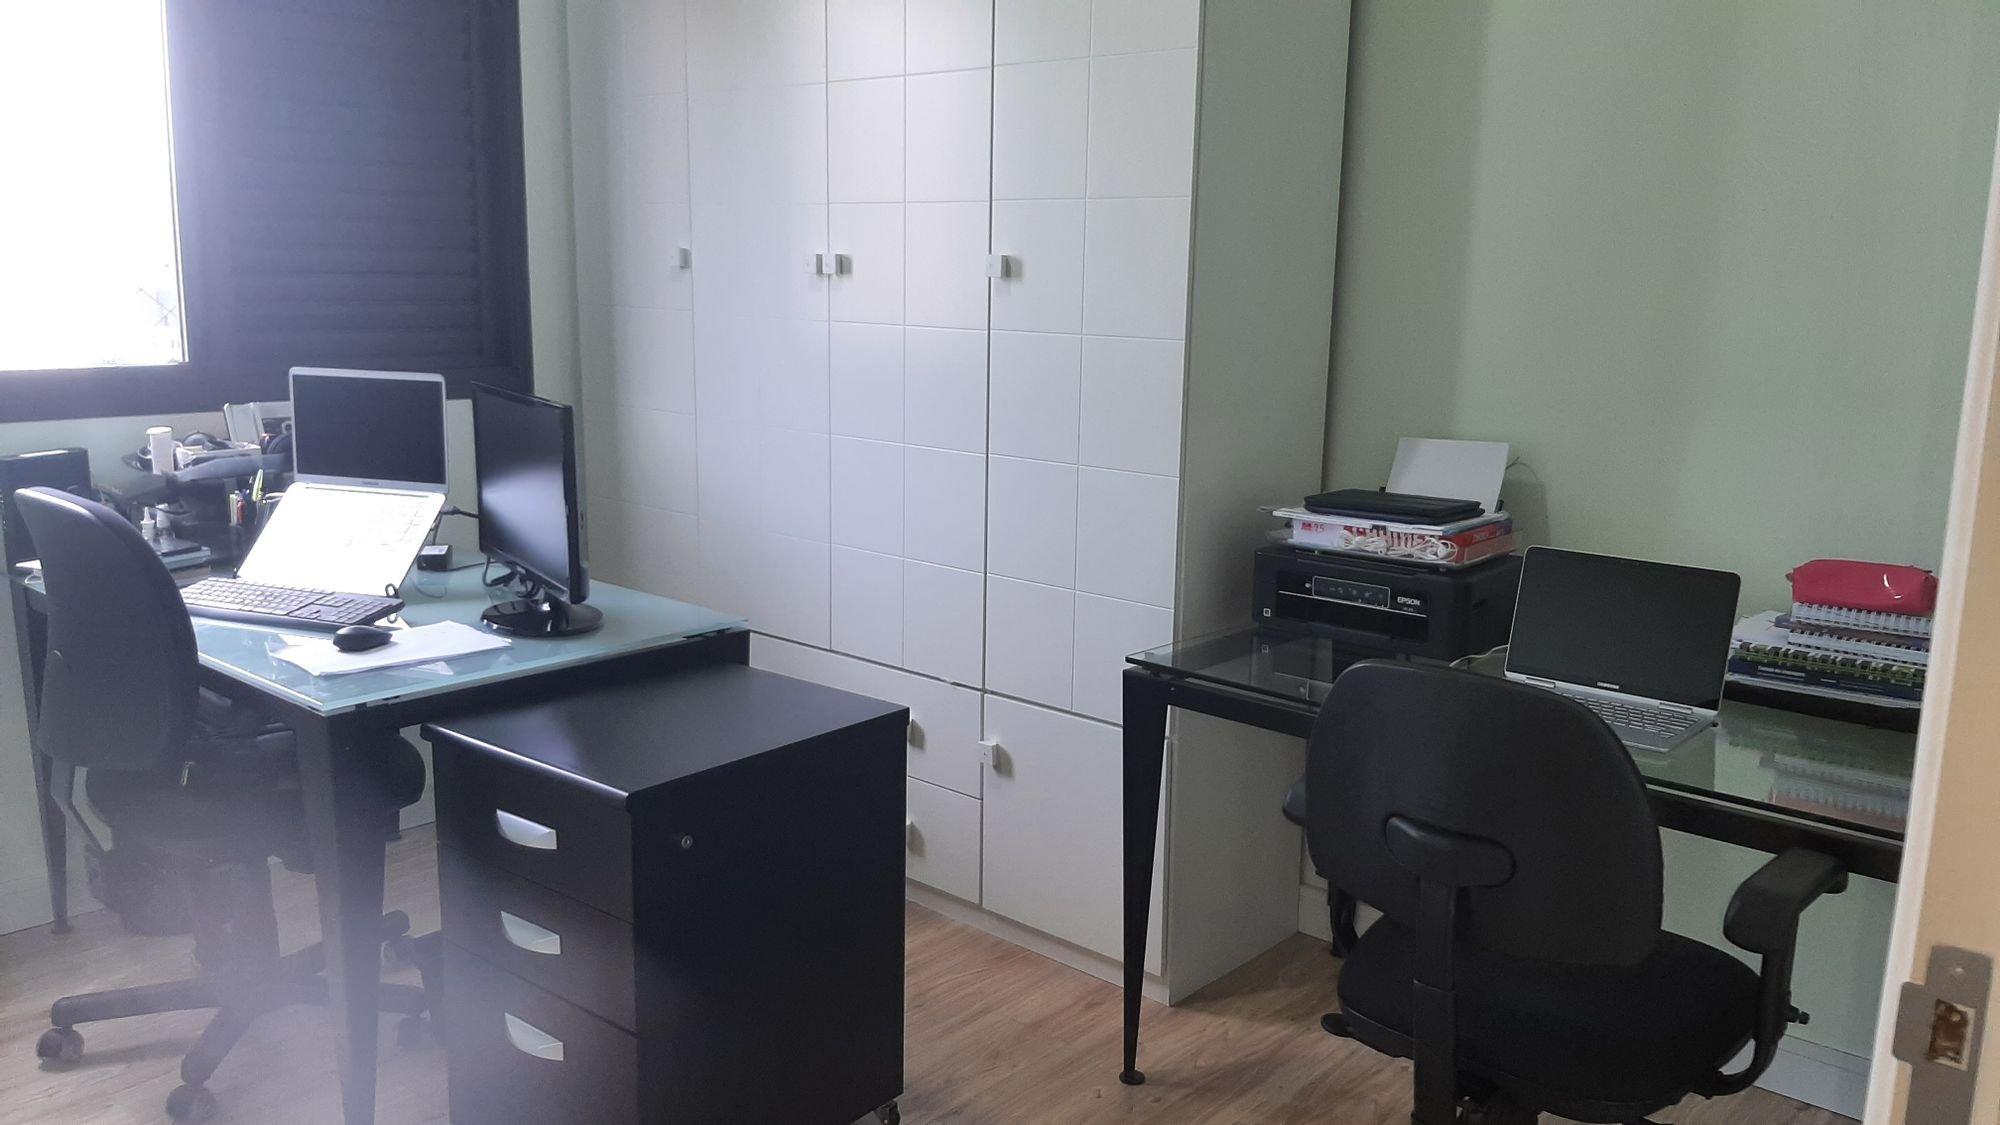 Foto de Quarto com teclado, mouse, computador portátil, cadeira, livro